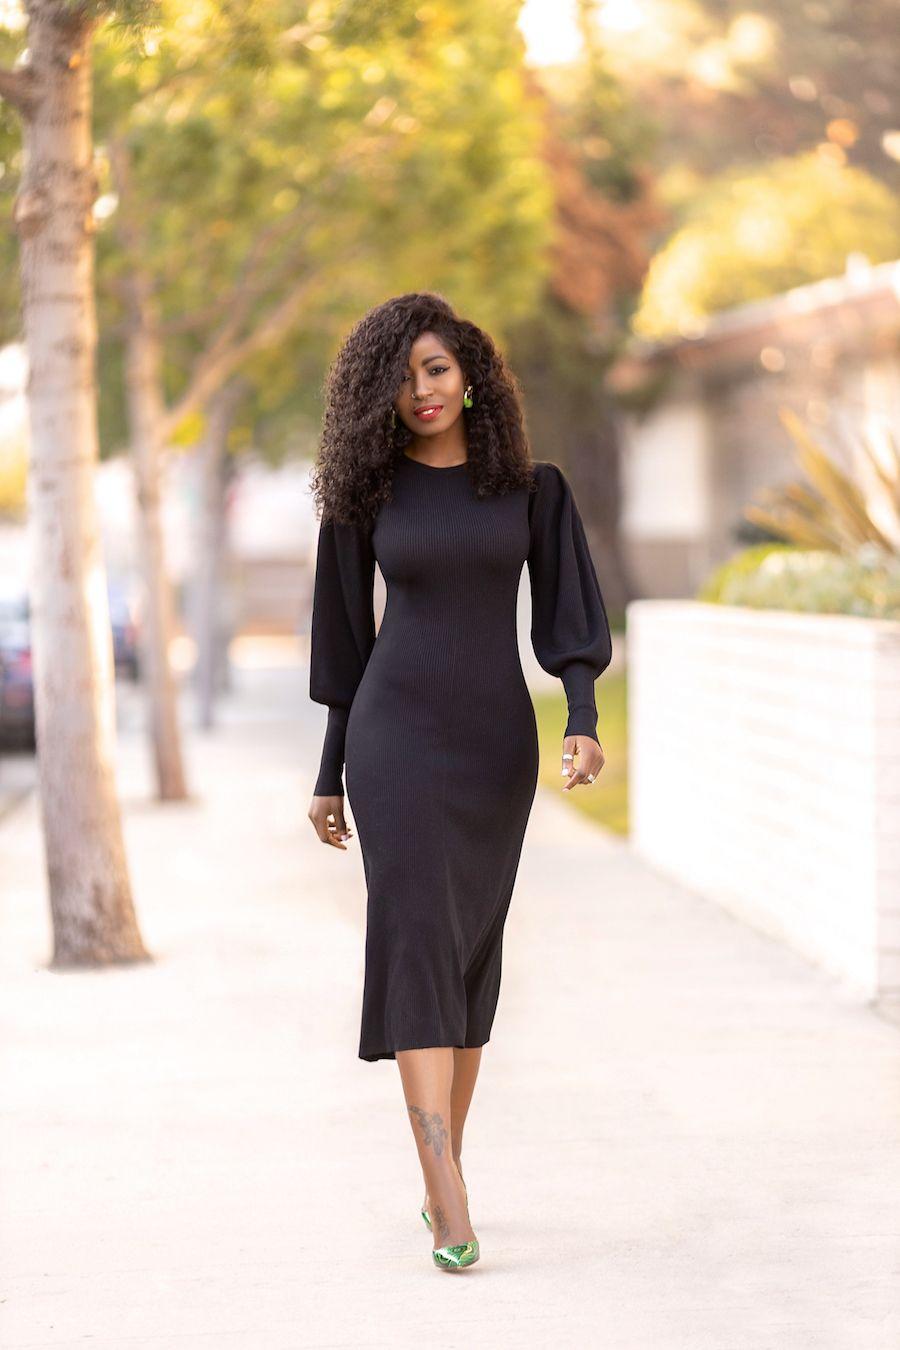 Black Puff Sleeve Midi Dress Puff Sleeve Midi Dresses Midi Dress Outfit Midi Dress Style [ 1350 x 900 Pixel ]